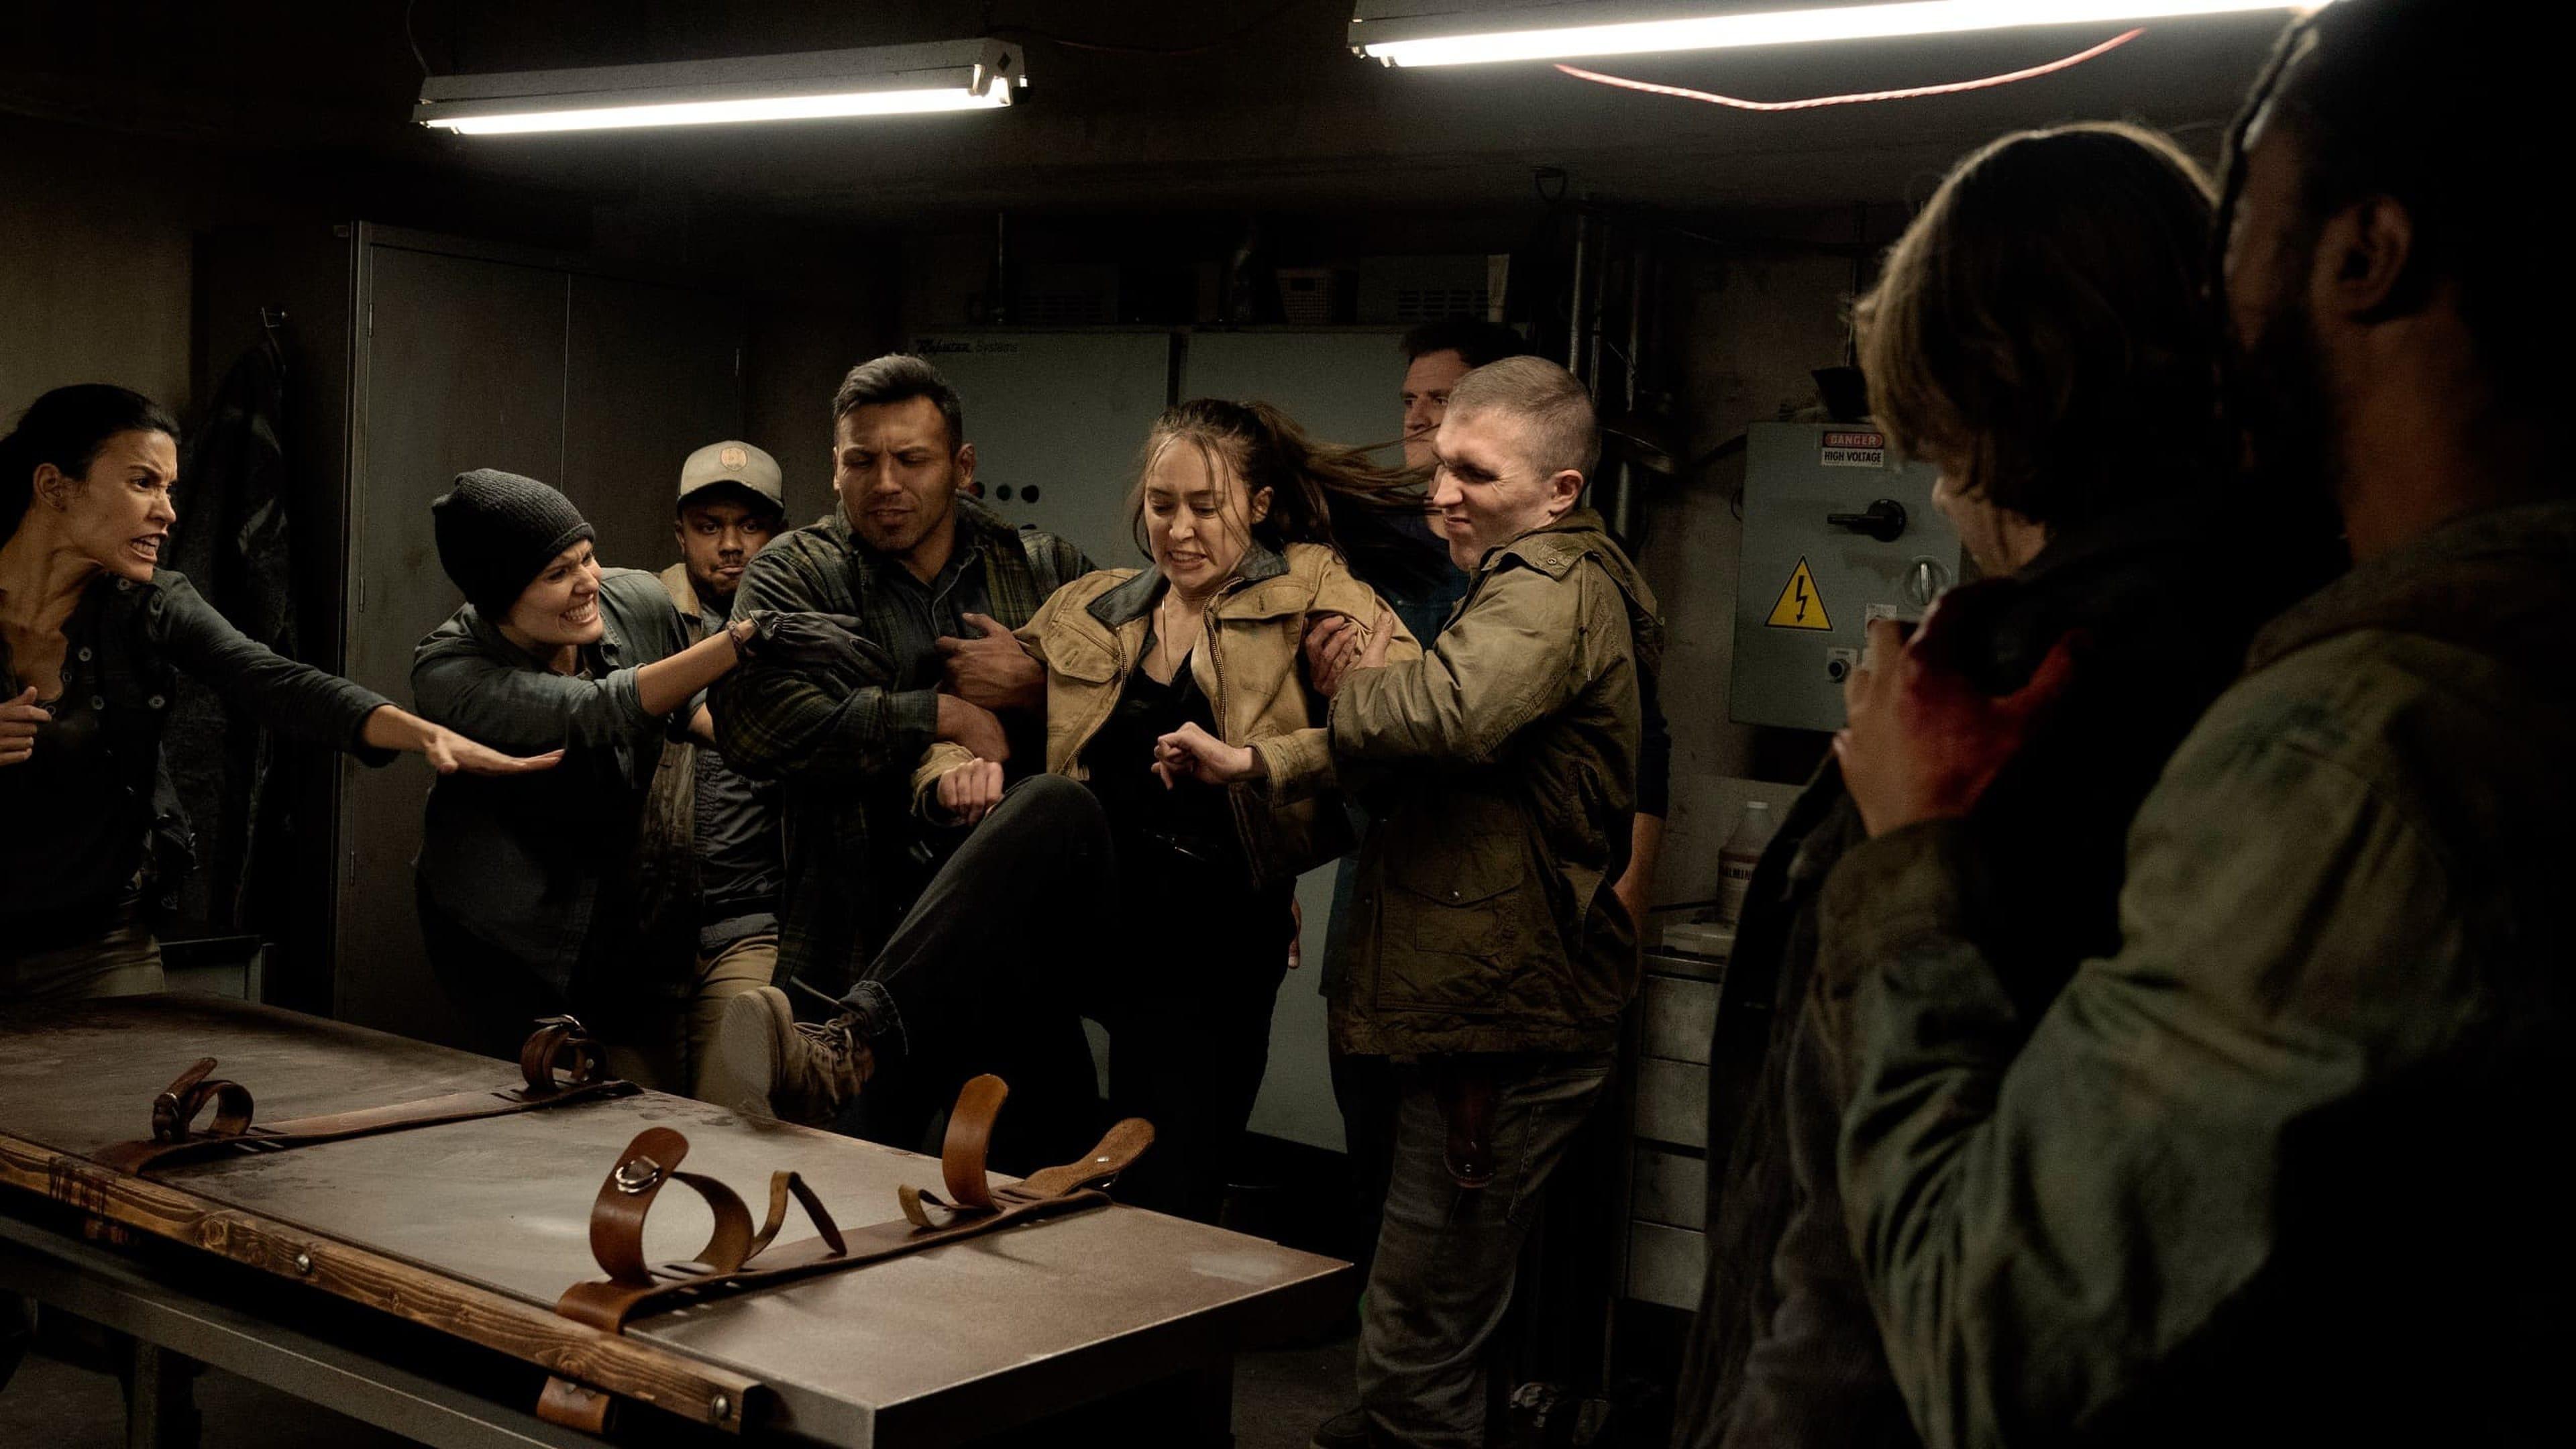 Fear the Walking Dead - Season 6 Episode 11 : The Holding